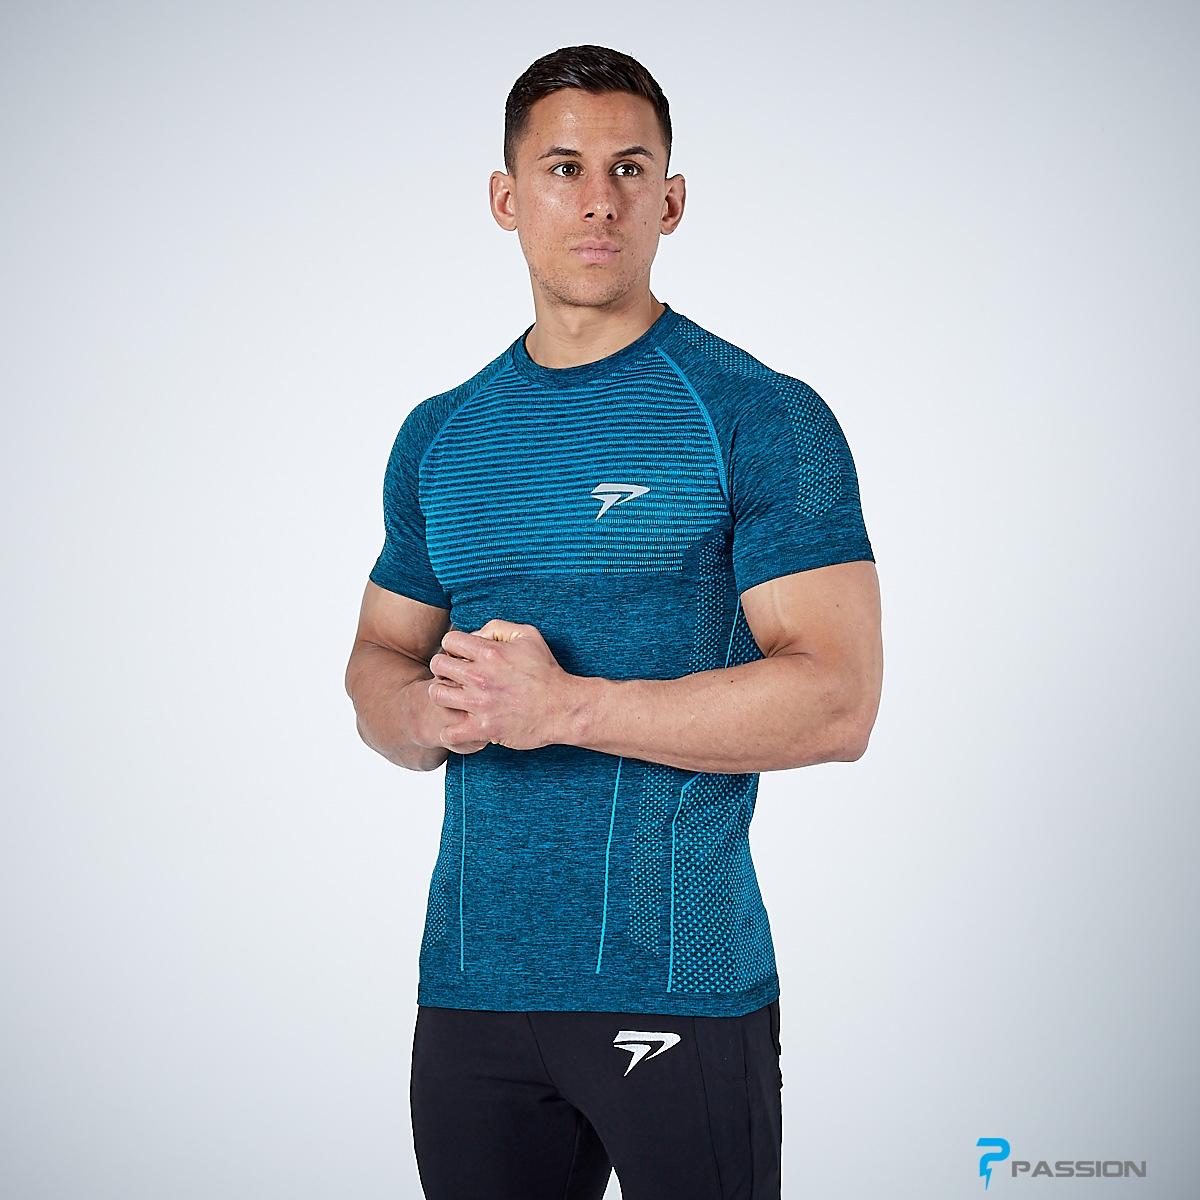 Áo thun body tập gym cho nam Physiq A58 (màu xanh dương)